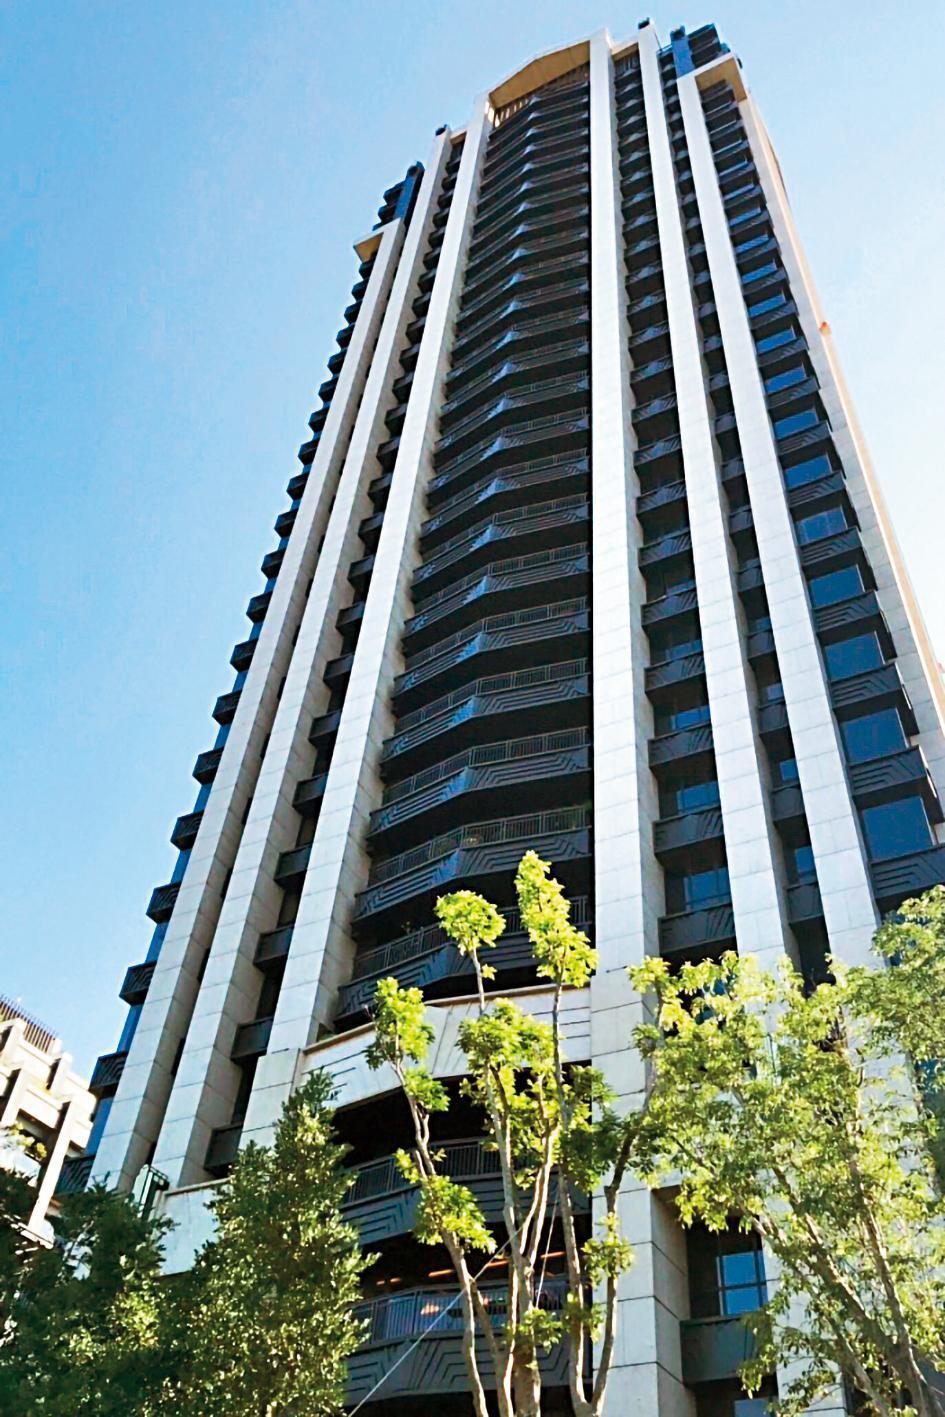 林俊傑買下內湖豪宅「長虹天璽」的二十五樓,是內湖地標型豪宅,林瑞陽、張庭夫妻也是鄰居。(翻攝自創意家行銷)